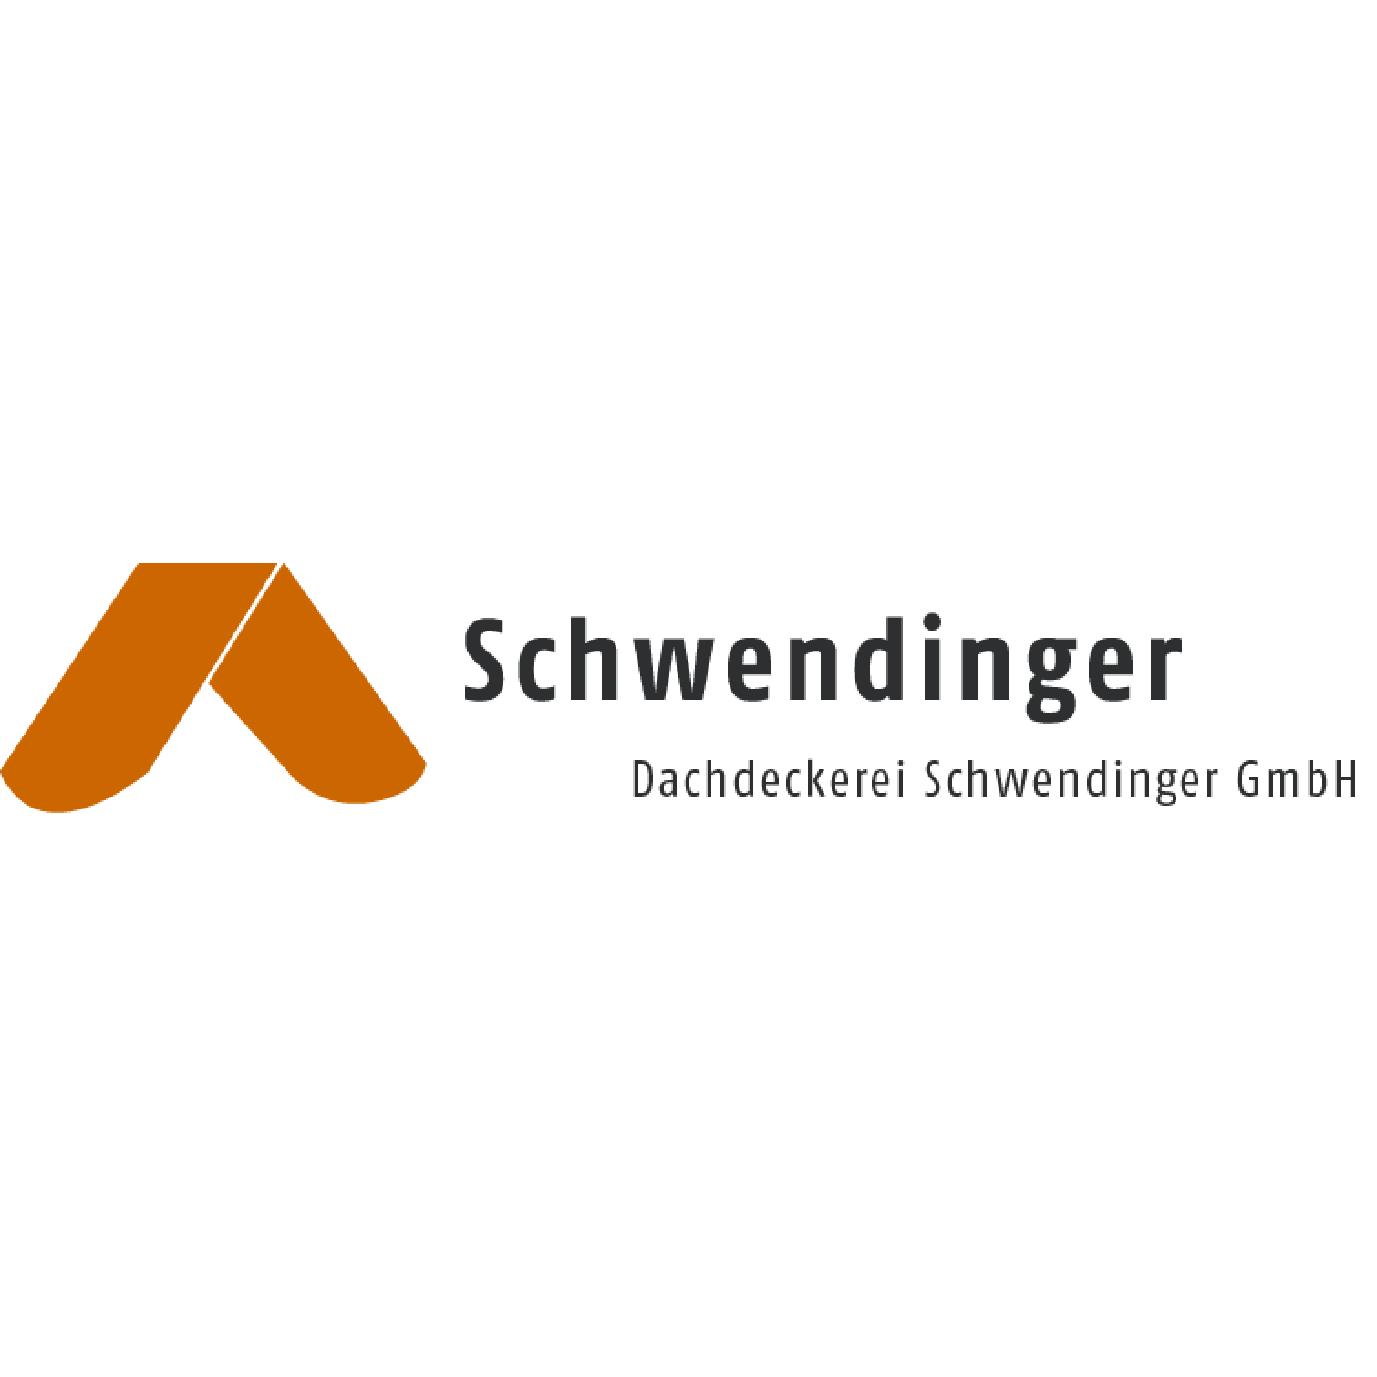 Dachdeckerei Schwendinger GmbH